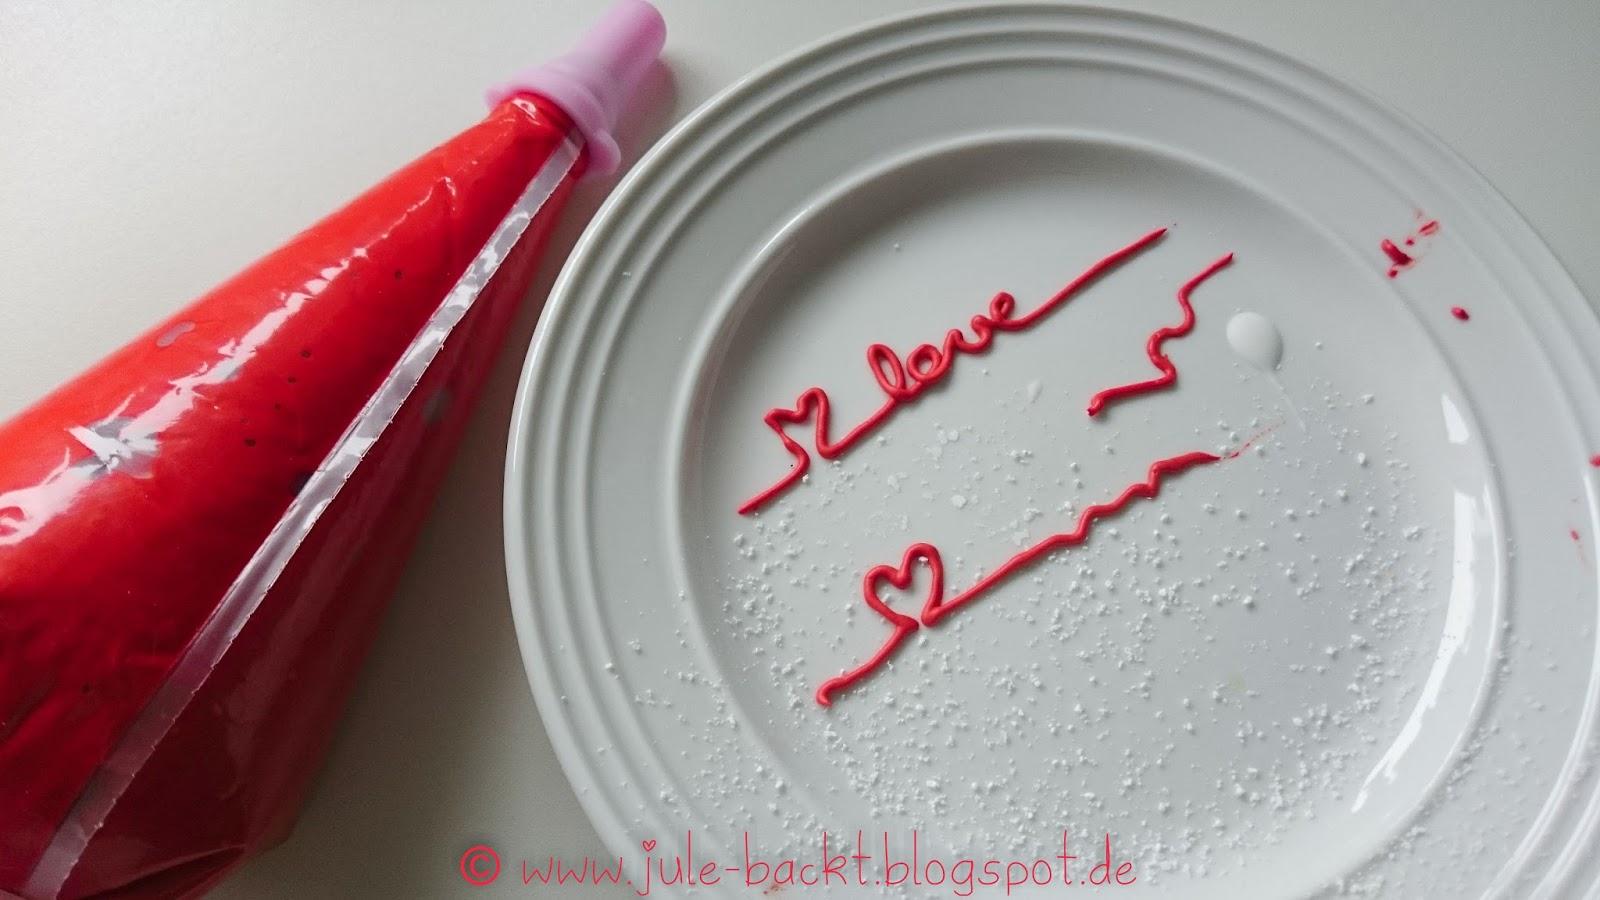 Aber Wie Schreibt Man Am Besten Auf Die Torte, Wenn Man Keine Kippbare  Trehplatte Besitzt? Senkrecht Schreiben Ist Wohl Nur Was Für Sehr Erfahrene  Oder ...